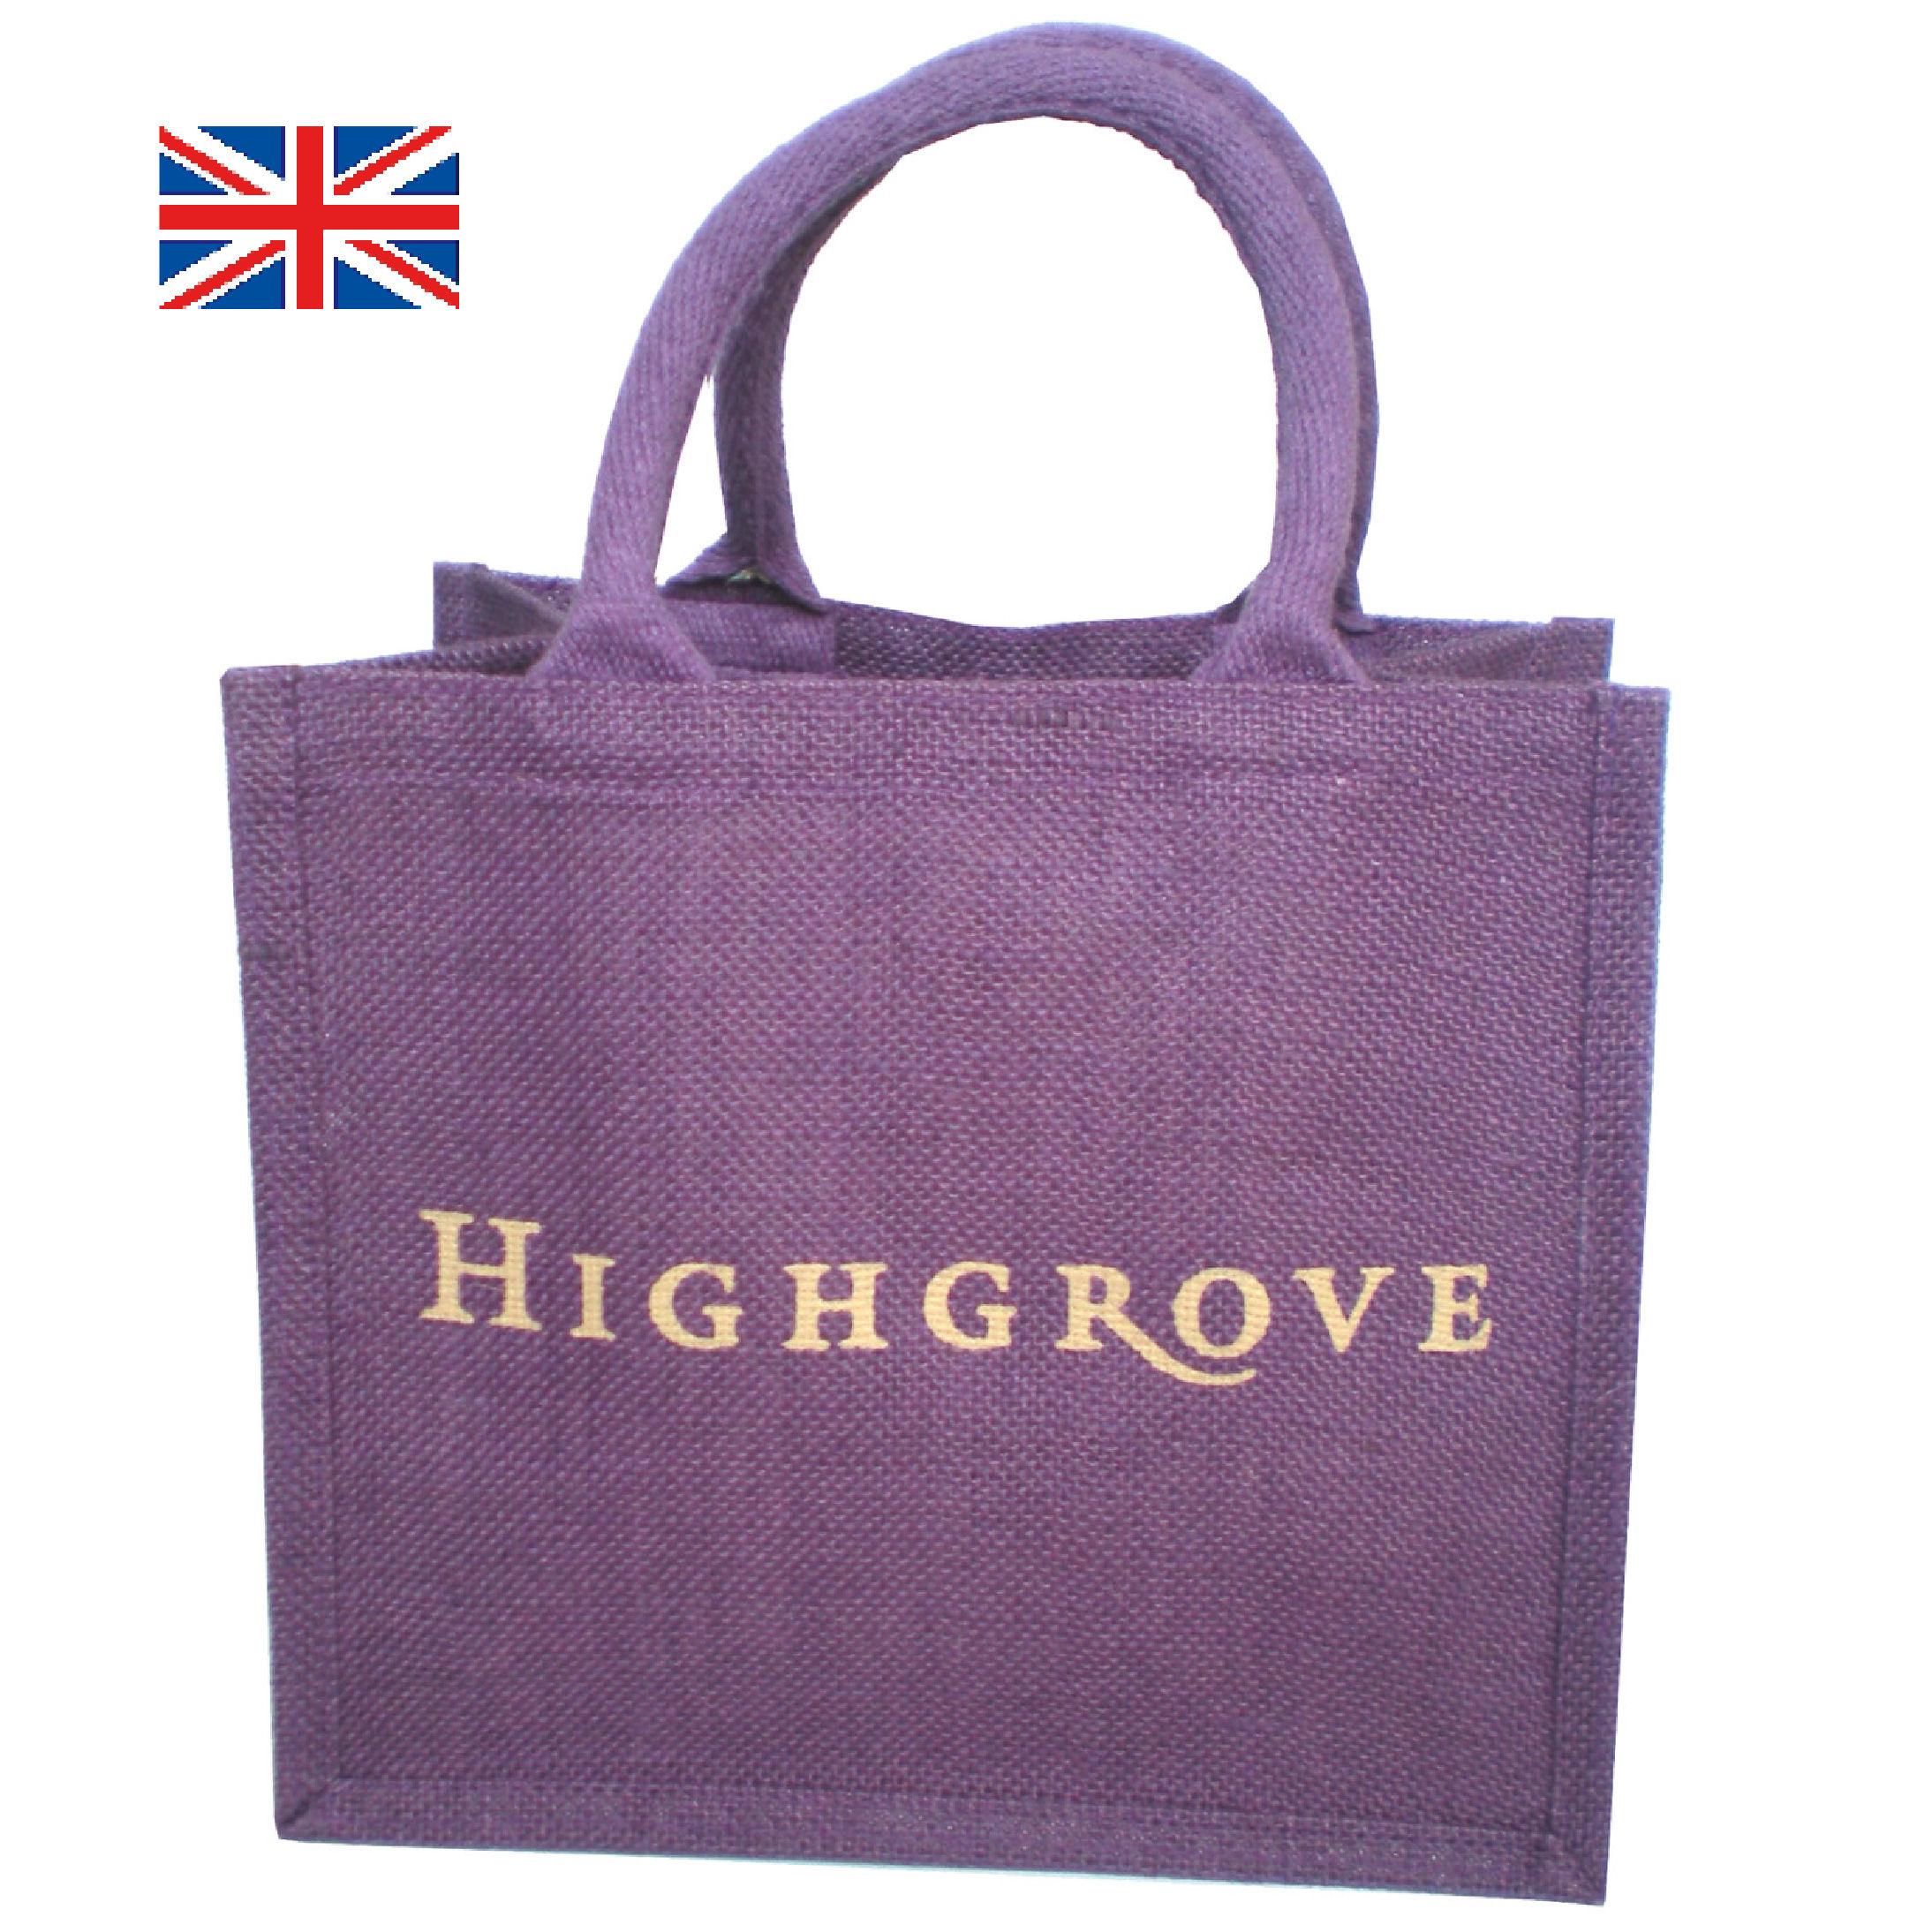 英国王室御用達 HIGHGROVE ハイグローブ エコバッグ(ランチトート/バイオレット) イギリス 直輸入